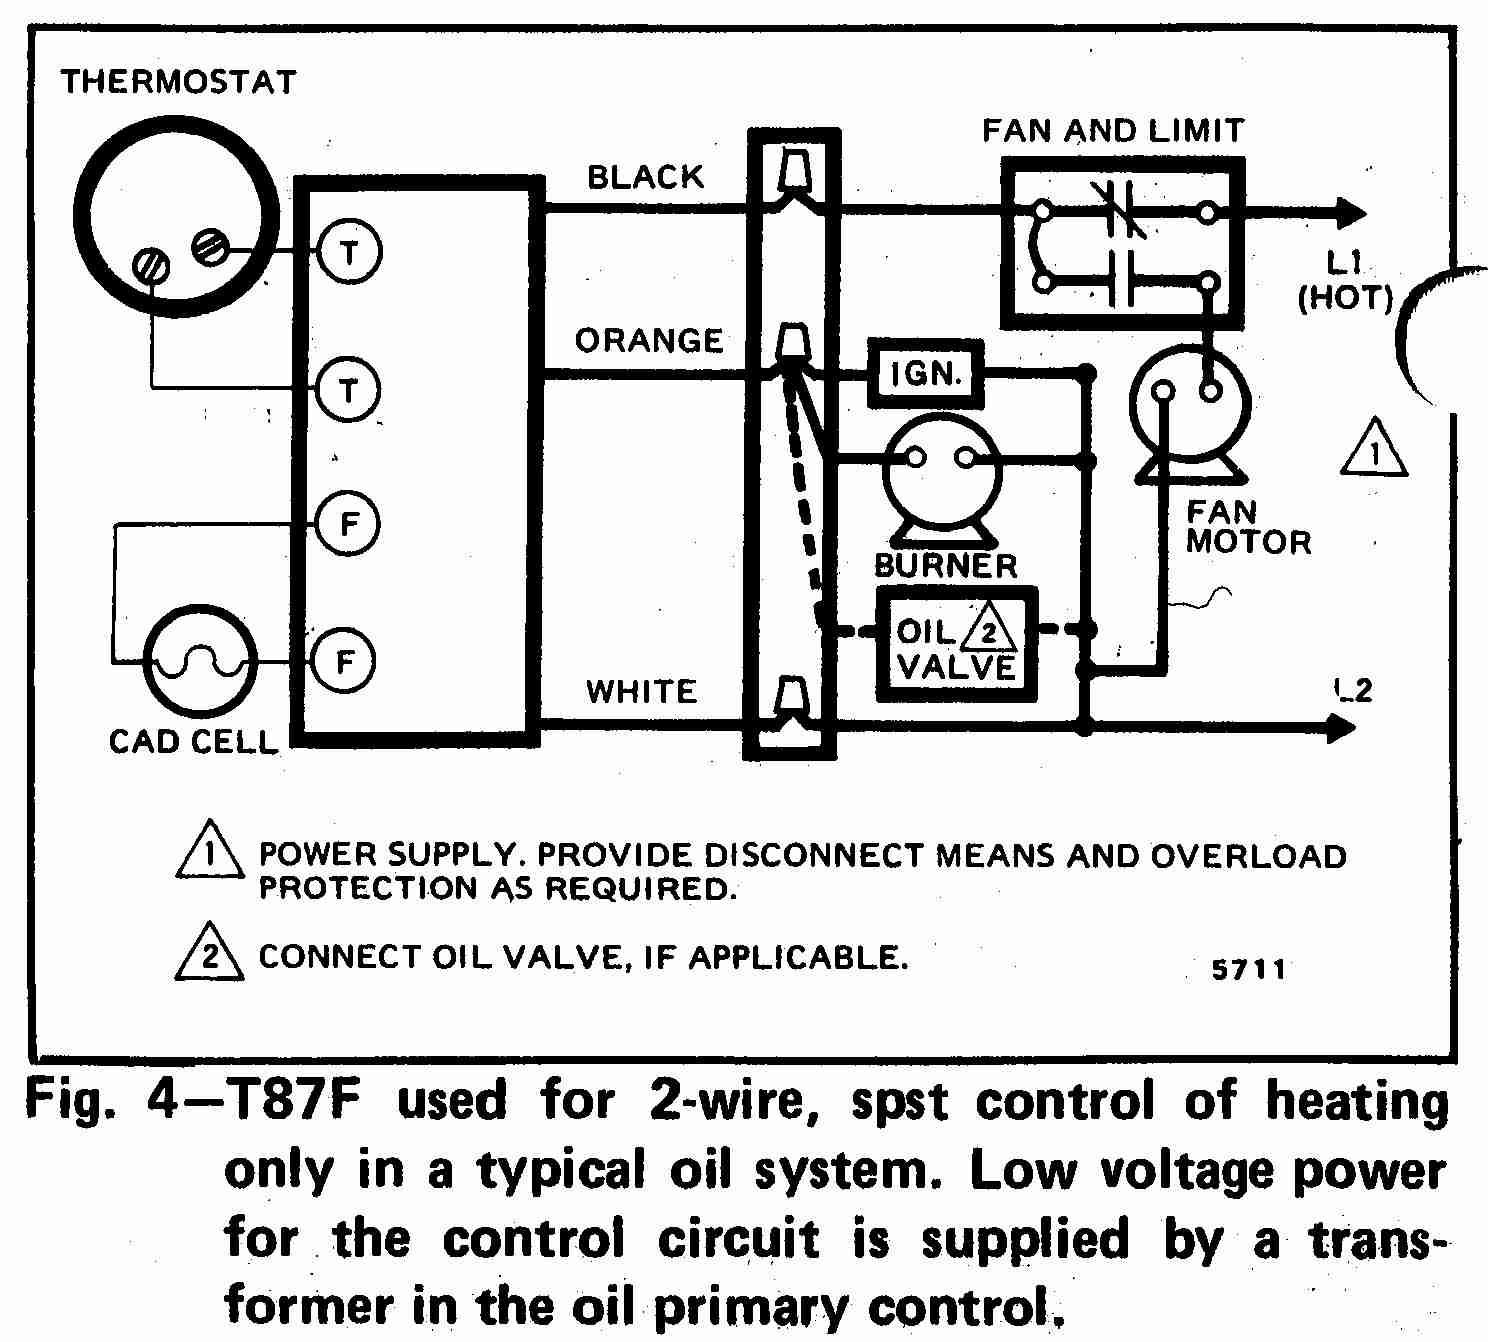 Gas Heat Furnace Wiring Diagram Schematic   Manual E-Books - Gas Furnace Wiring Diagram